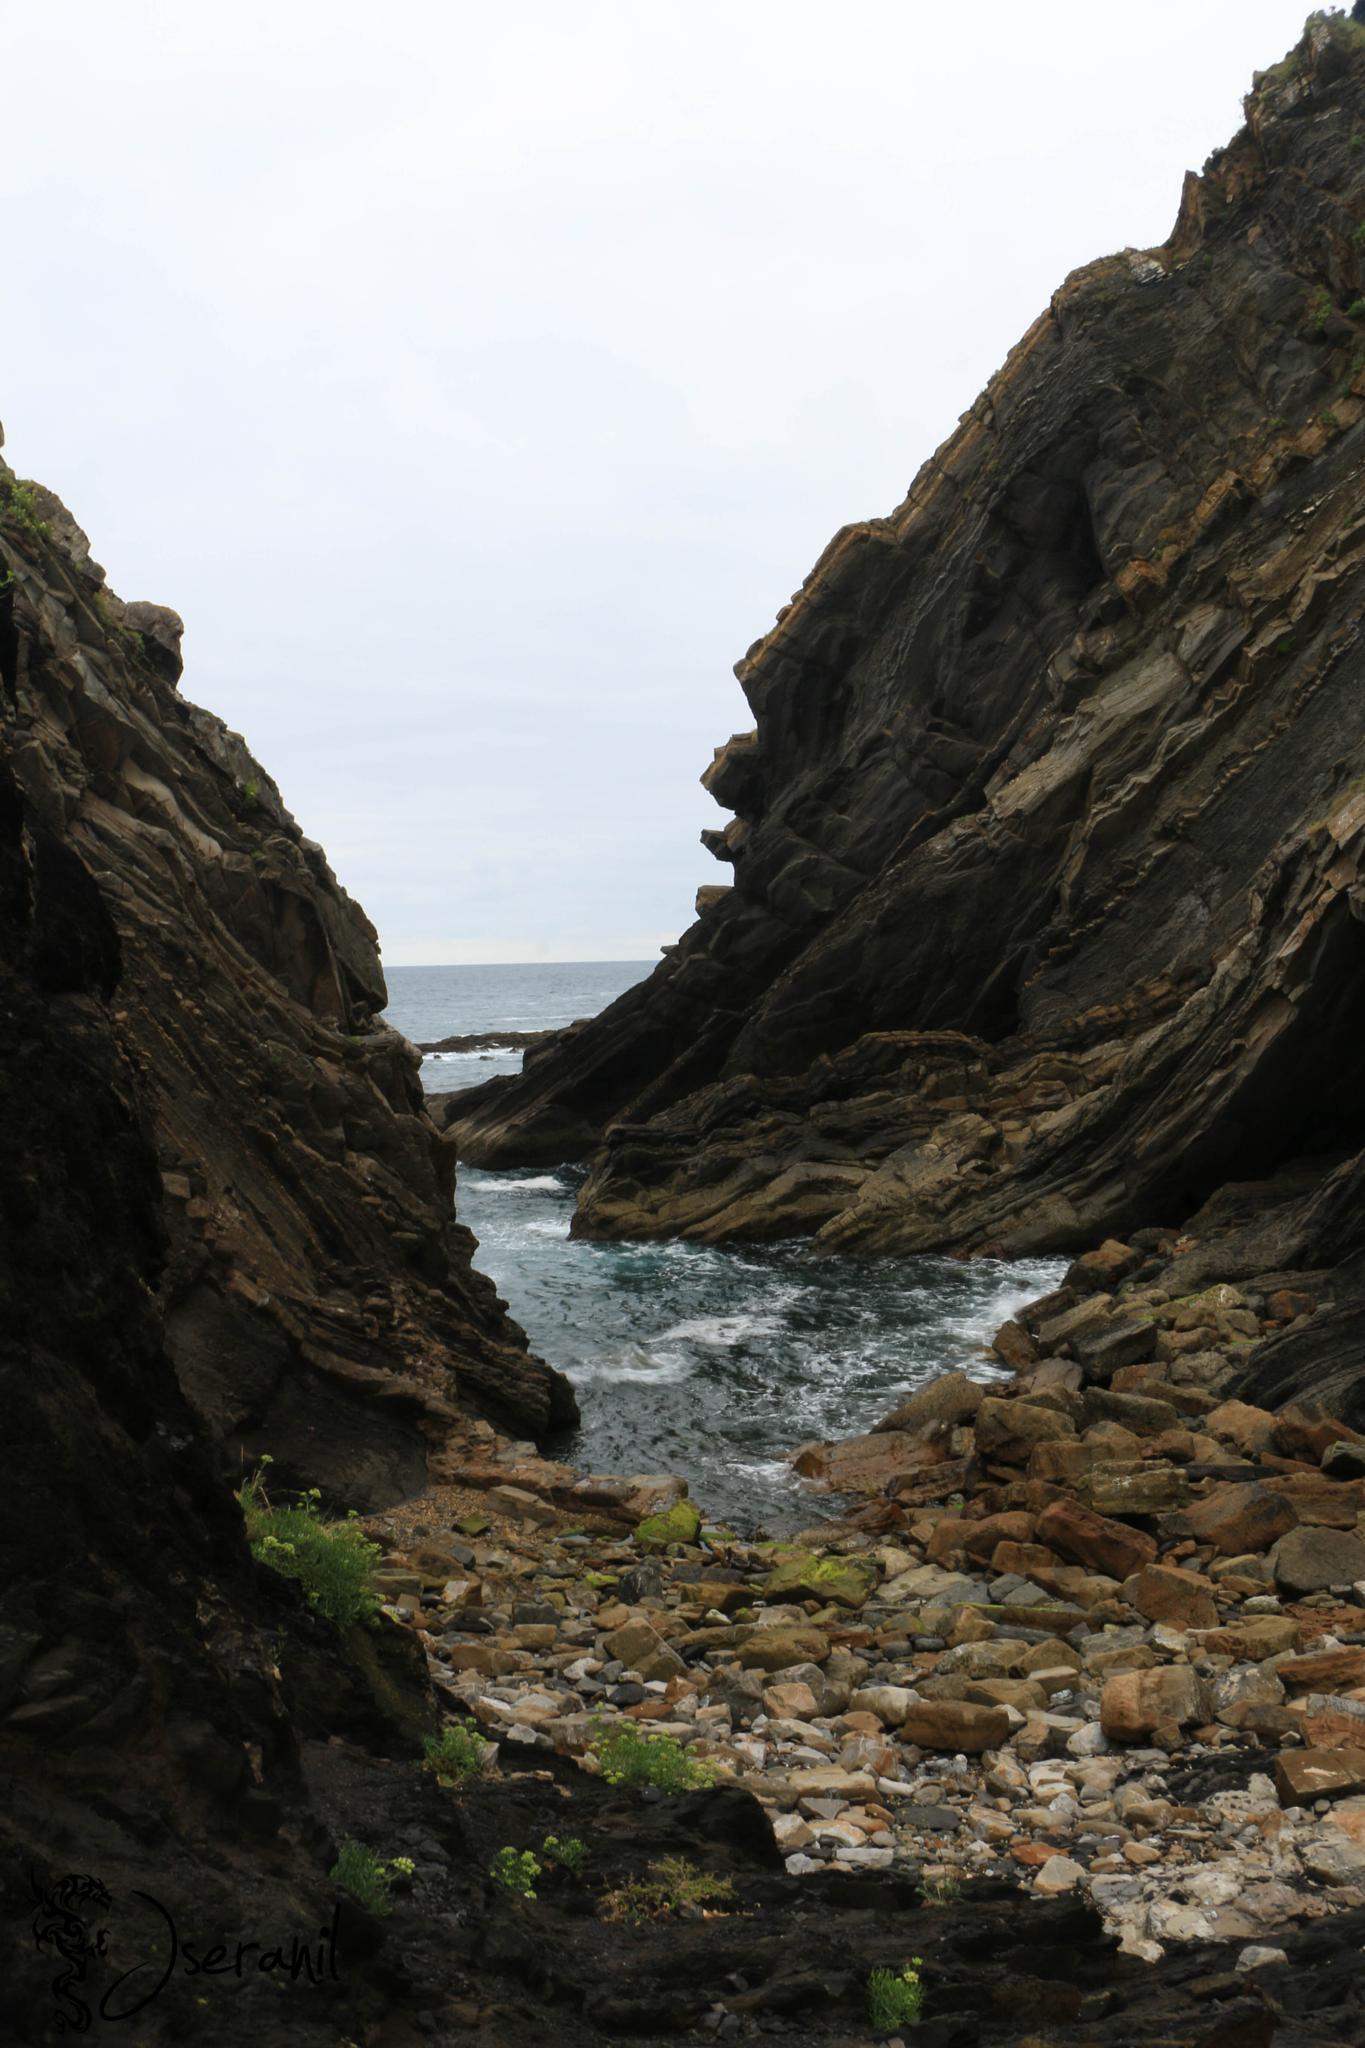 Among rocks by Jseranil